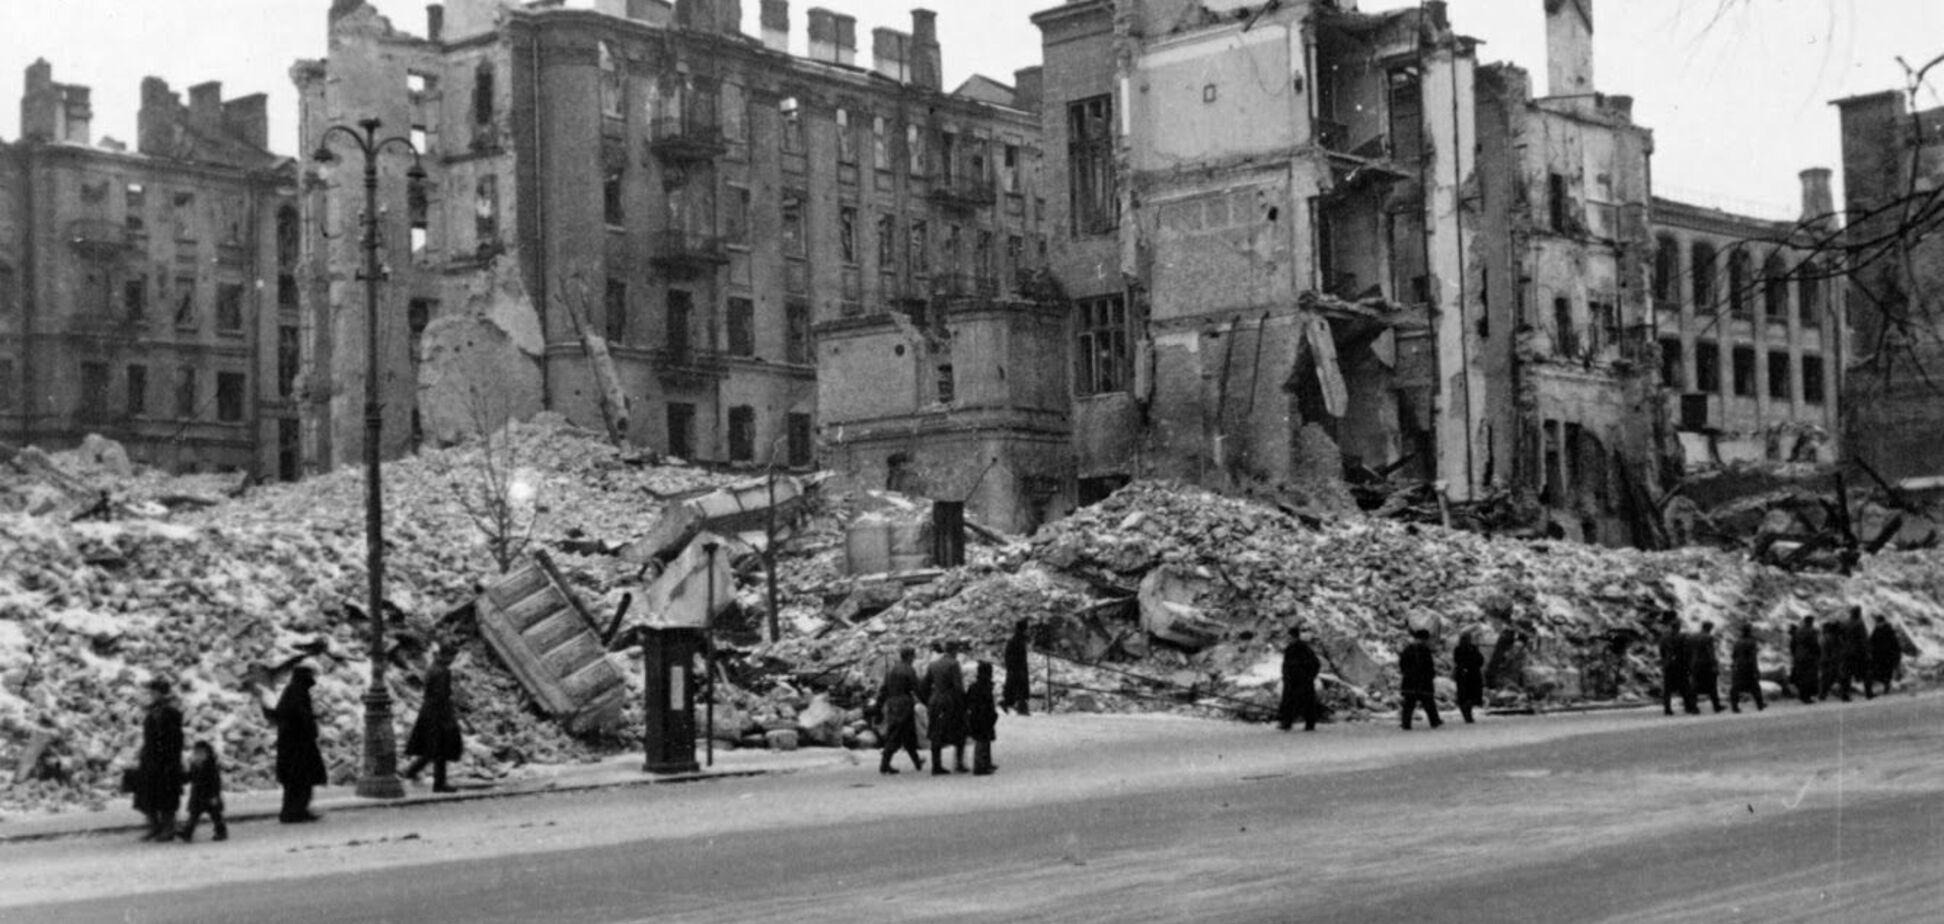 Крещатик, который разрушил Сталин: 80 лет спустя